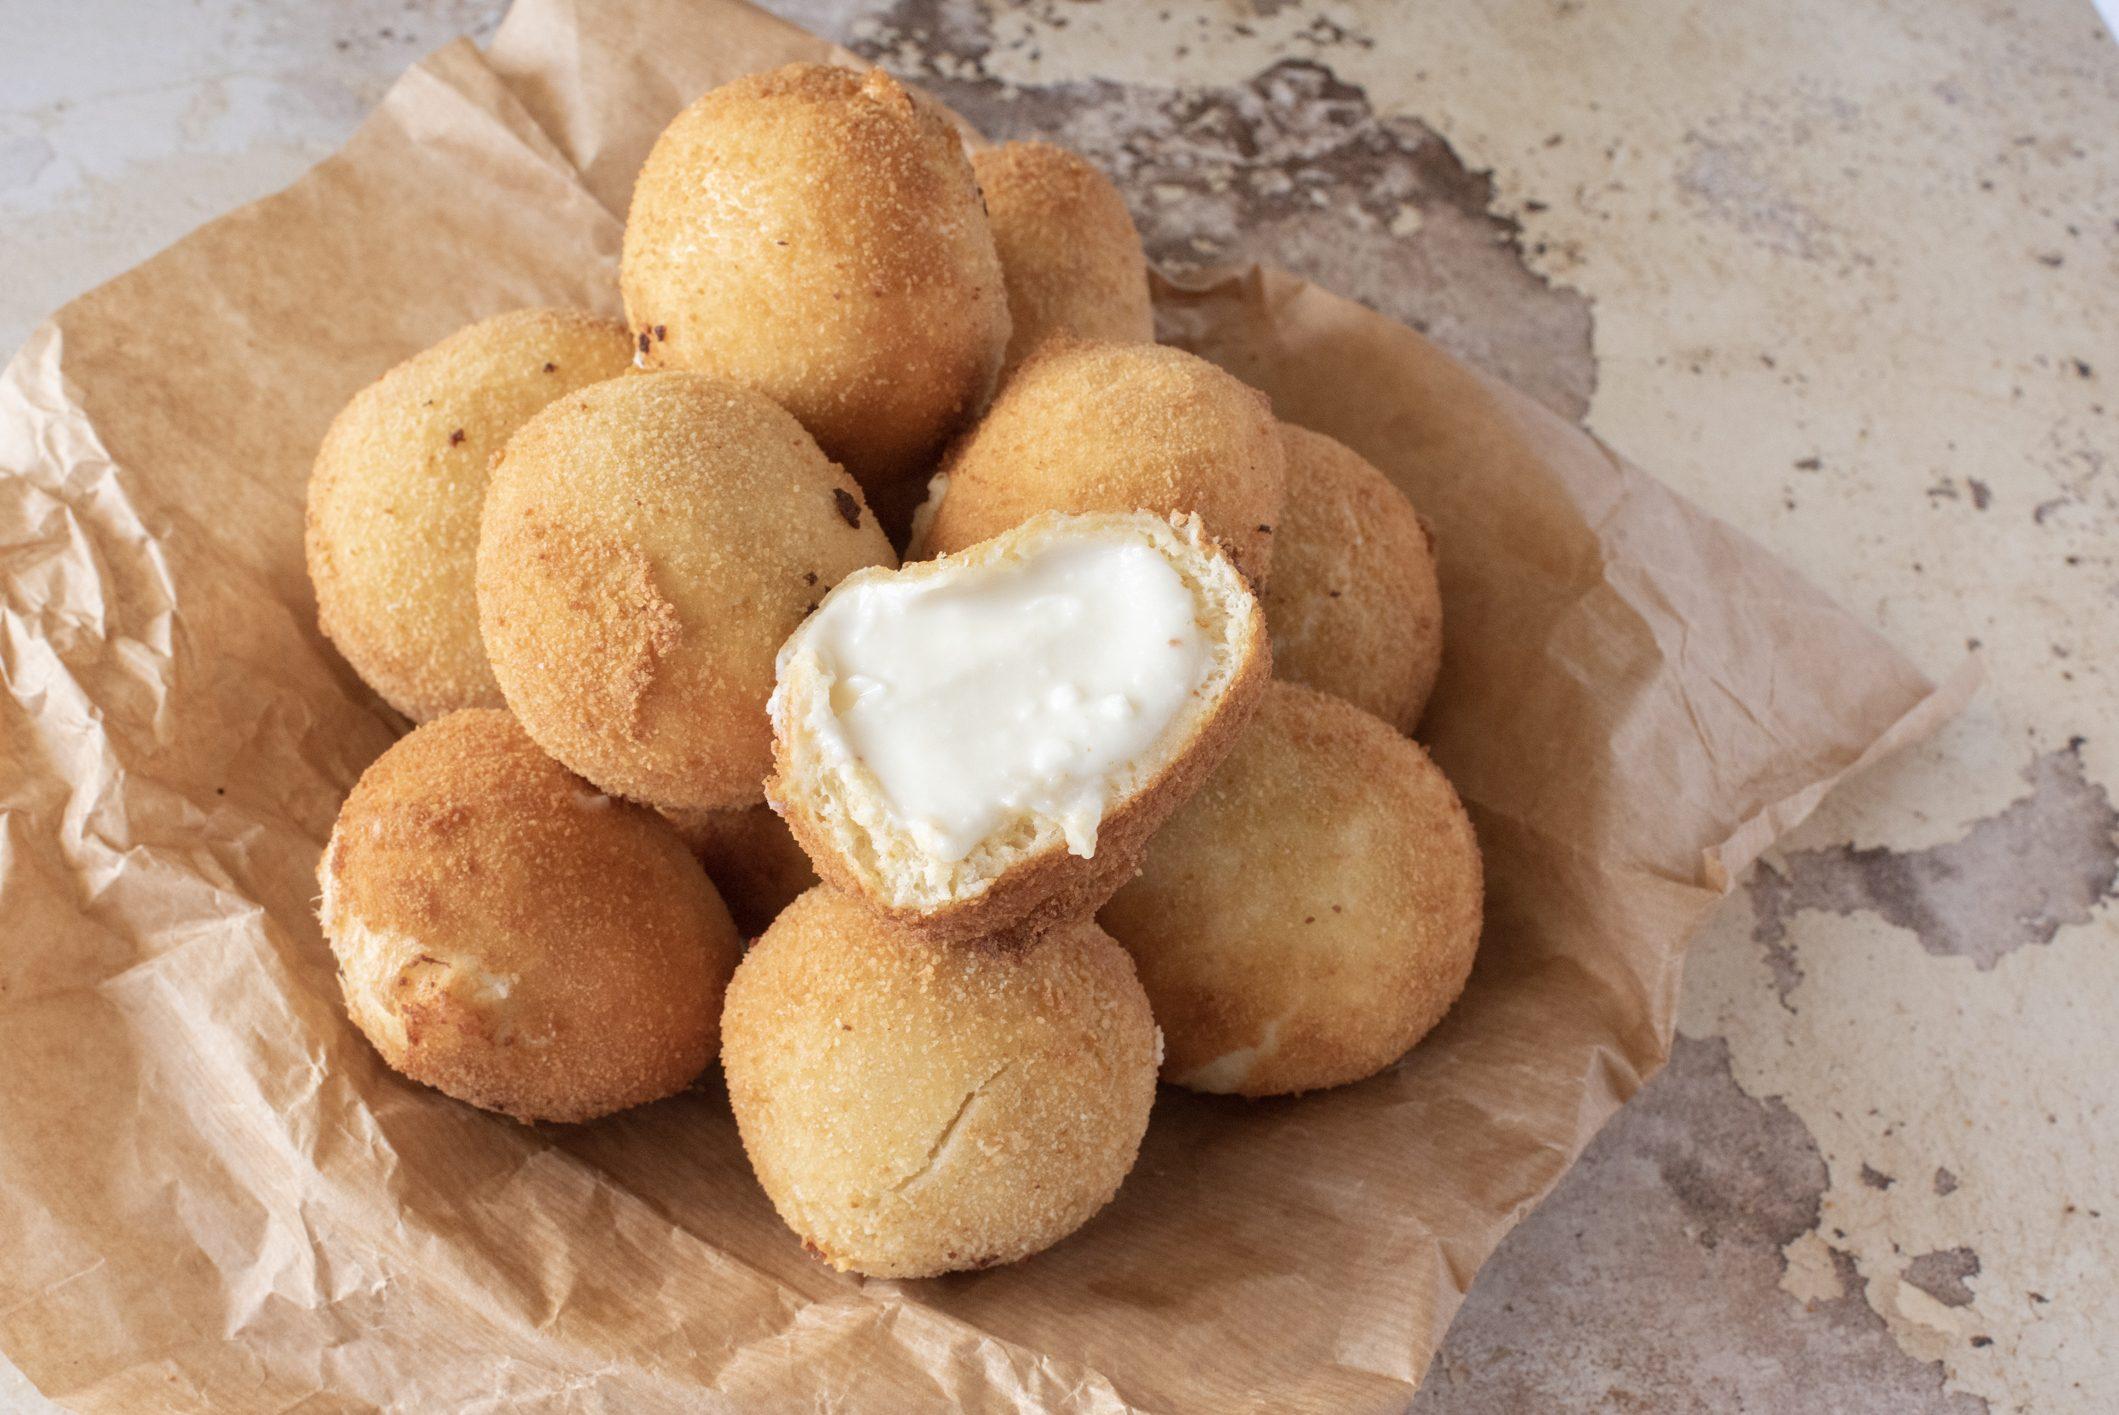 Iris: la ricetta delle bombette dolci tipiche della tradizione siciliana